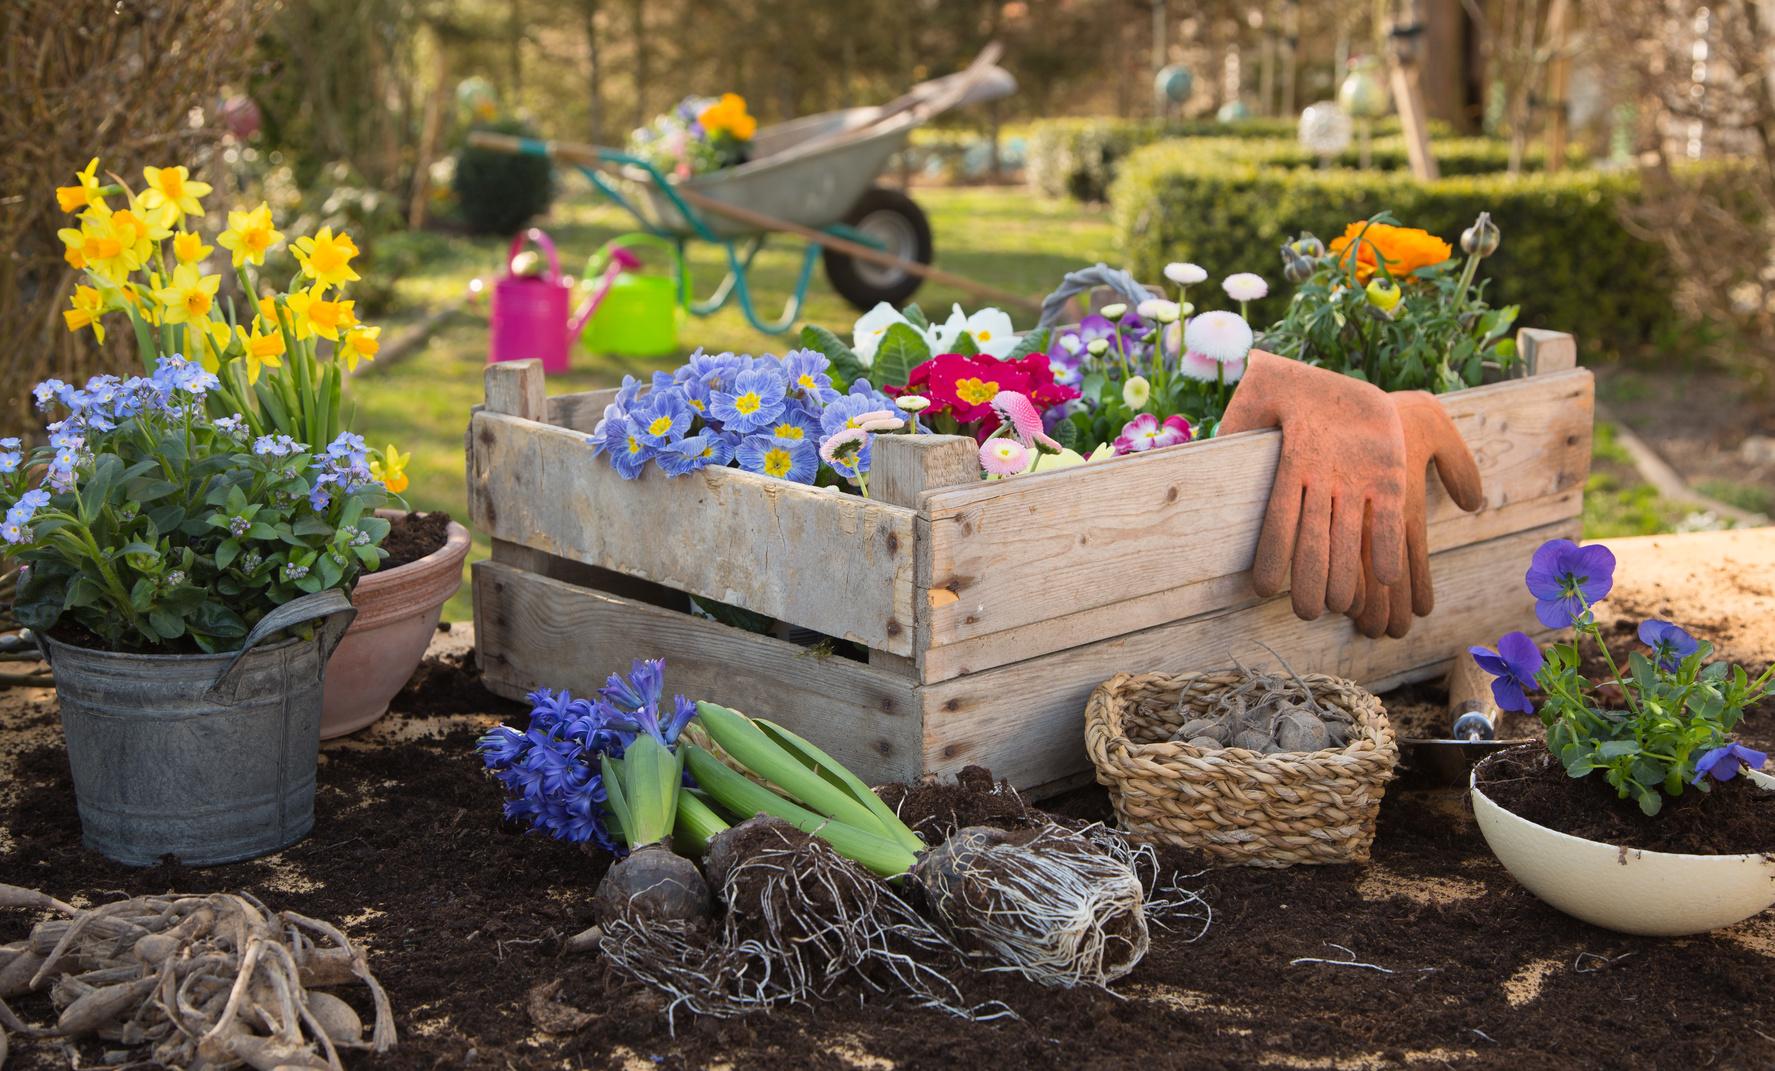 Deko fuer den Garten: Einfaches aber dekoratives aus Holz